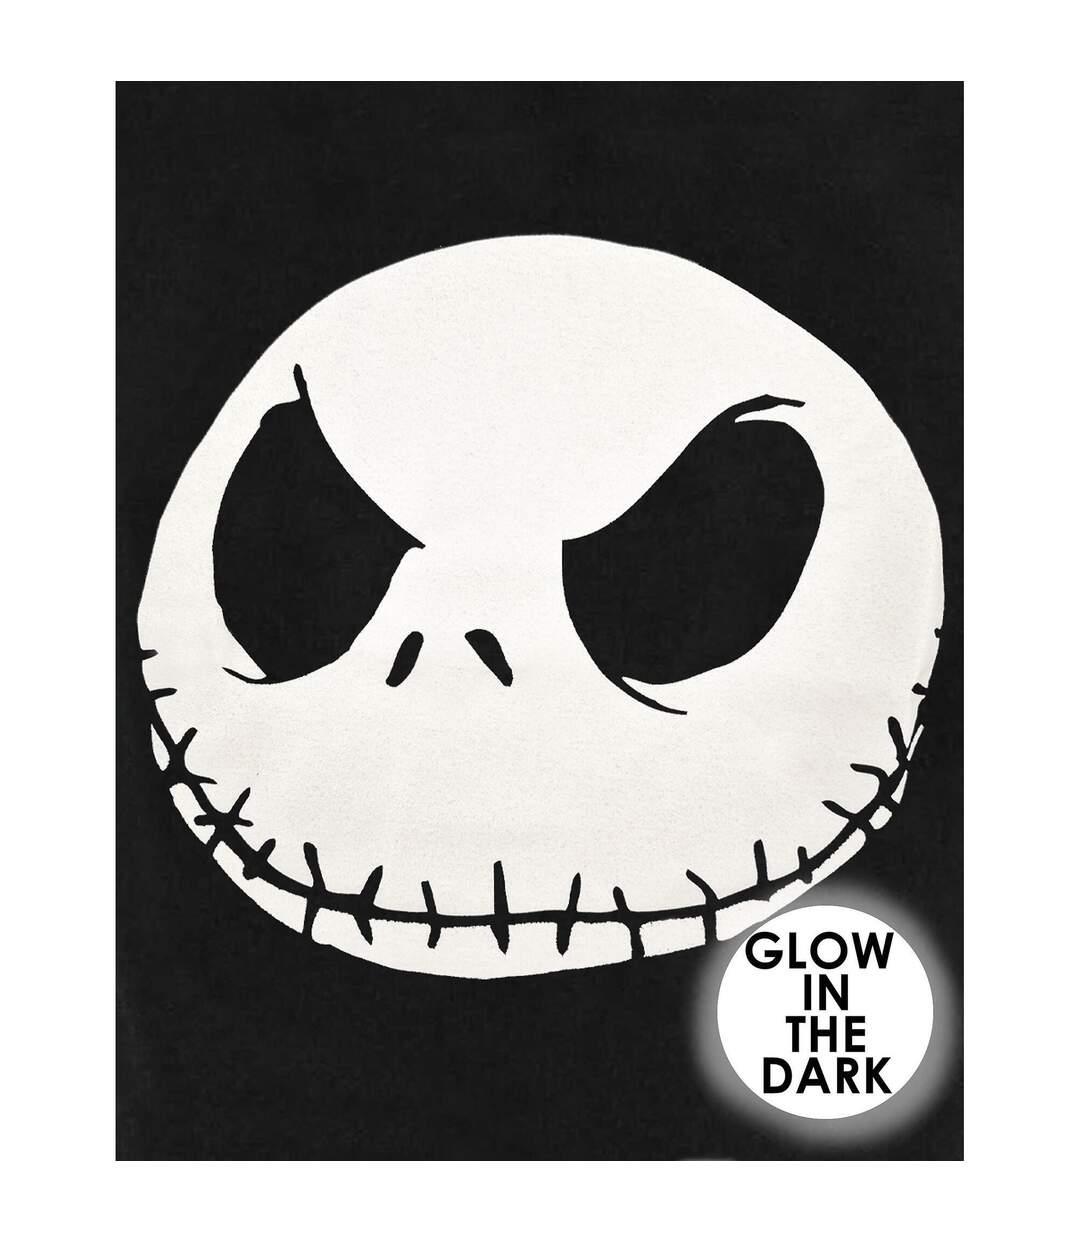 Nightmare Before Christmas Mens Glow In The Dark Jack Skellington Face T-Shirt (Black) - UTNS5670